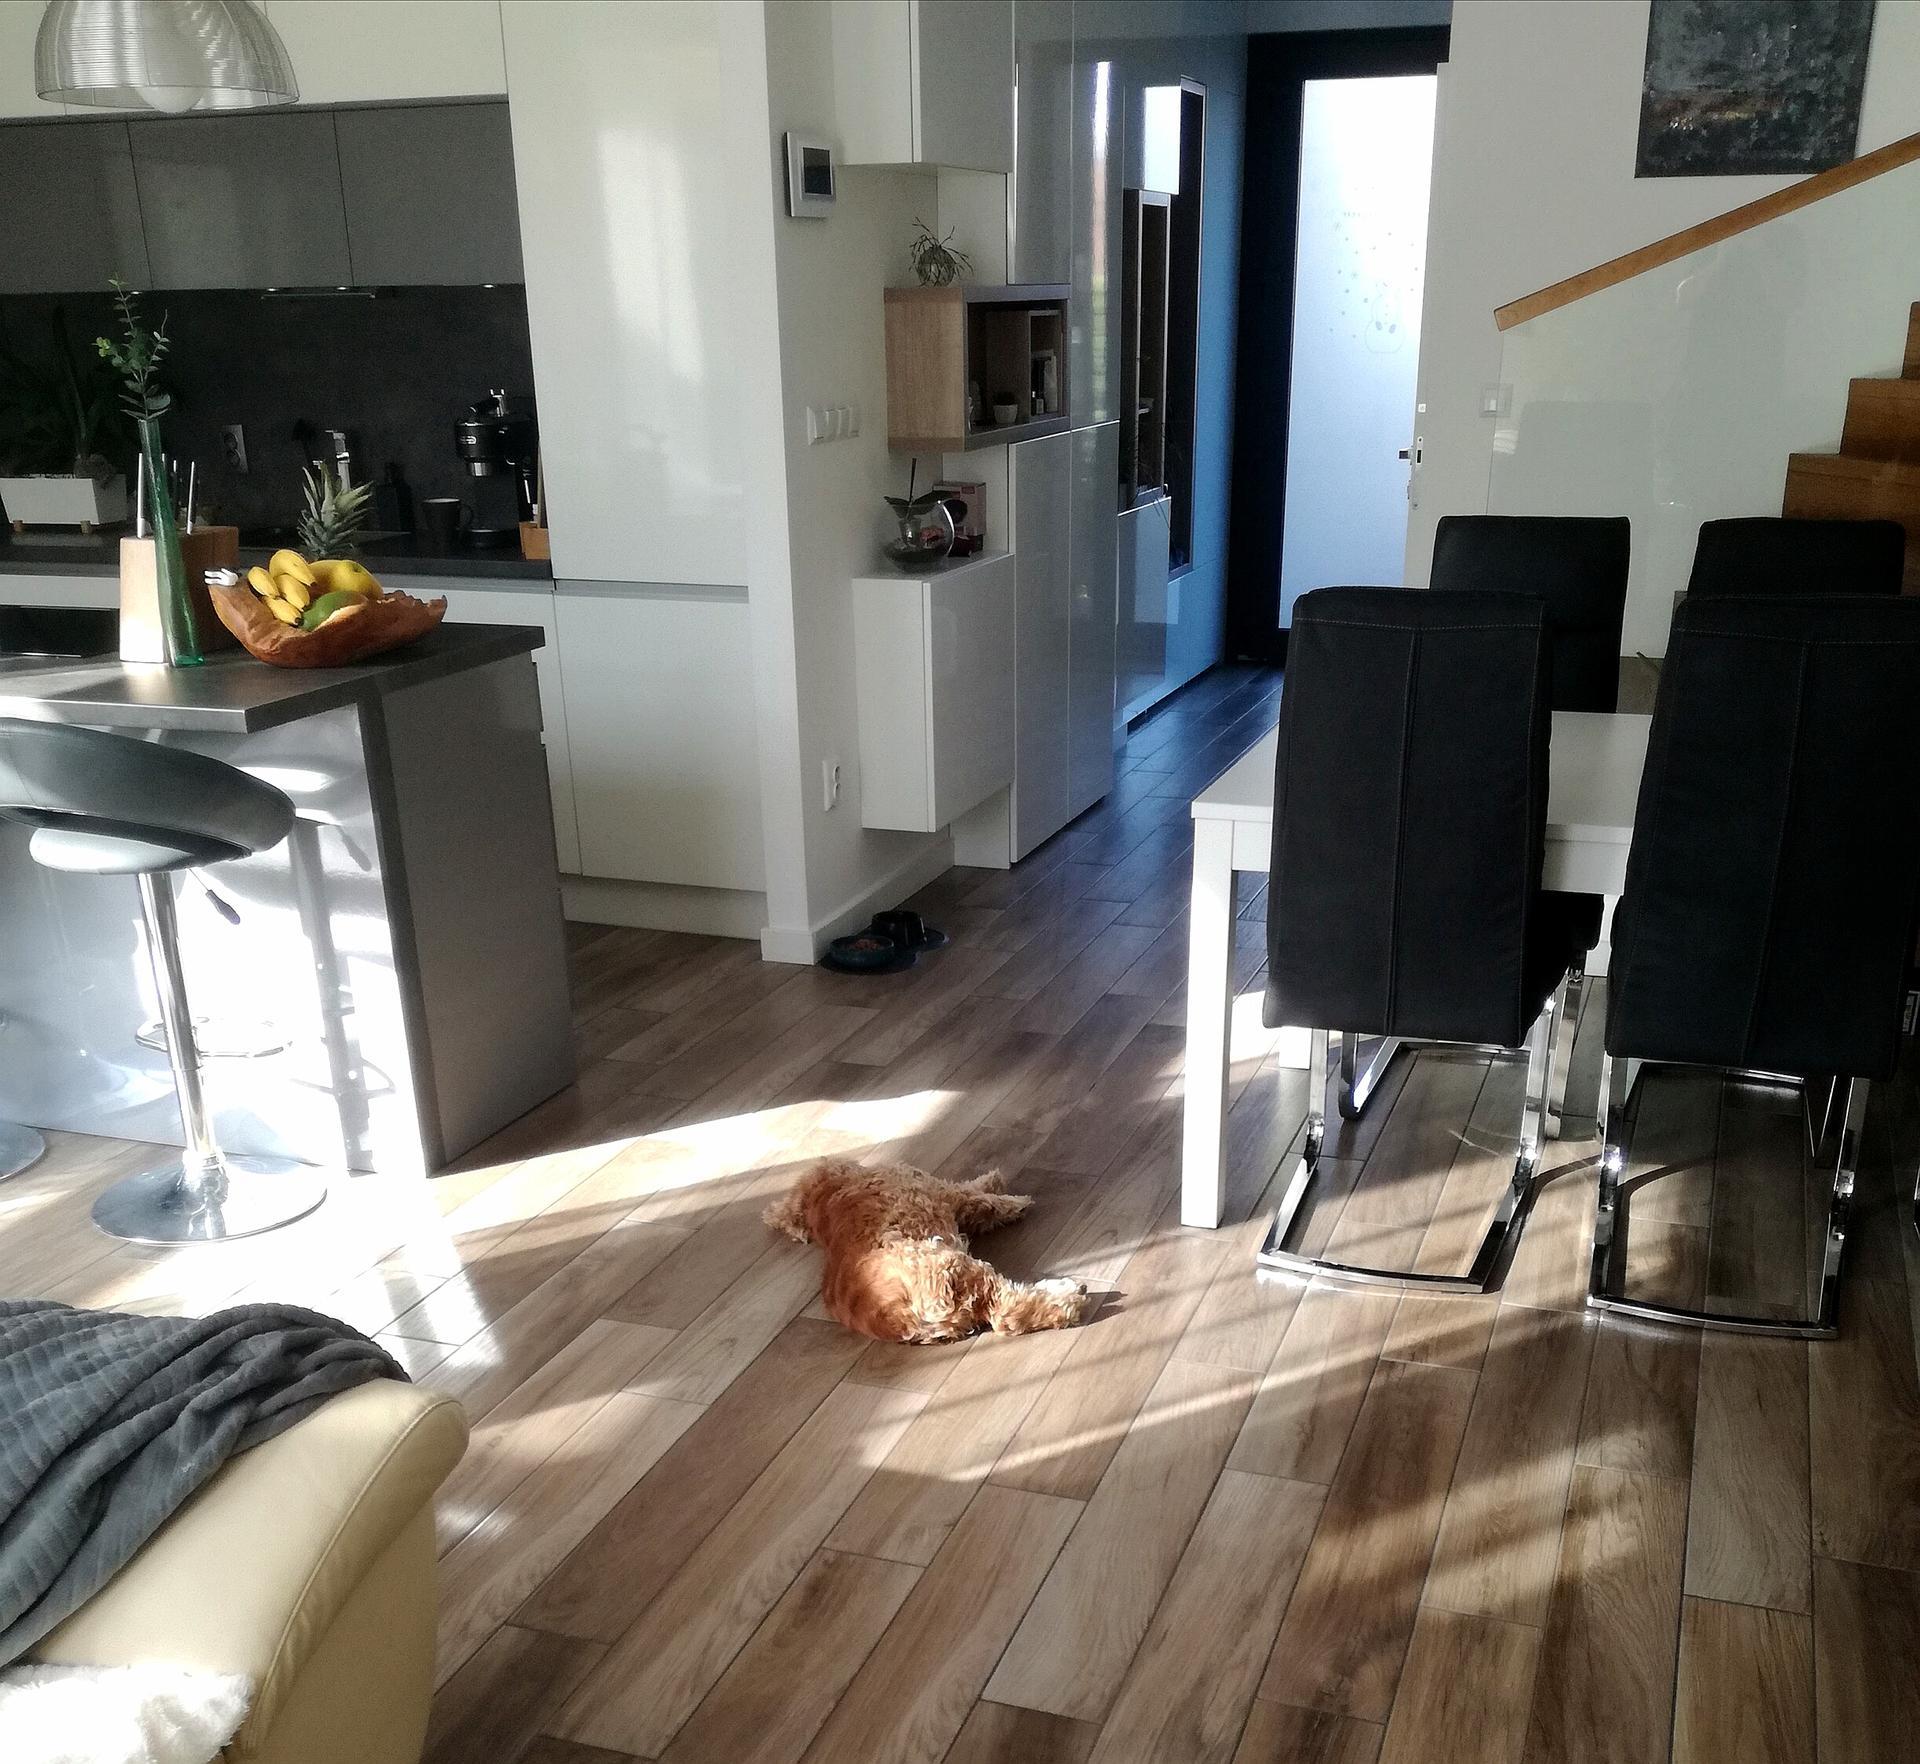 Posteľ má byť tam, kde pes spiiii... :-D - Obrázok č. 2